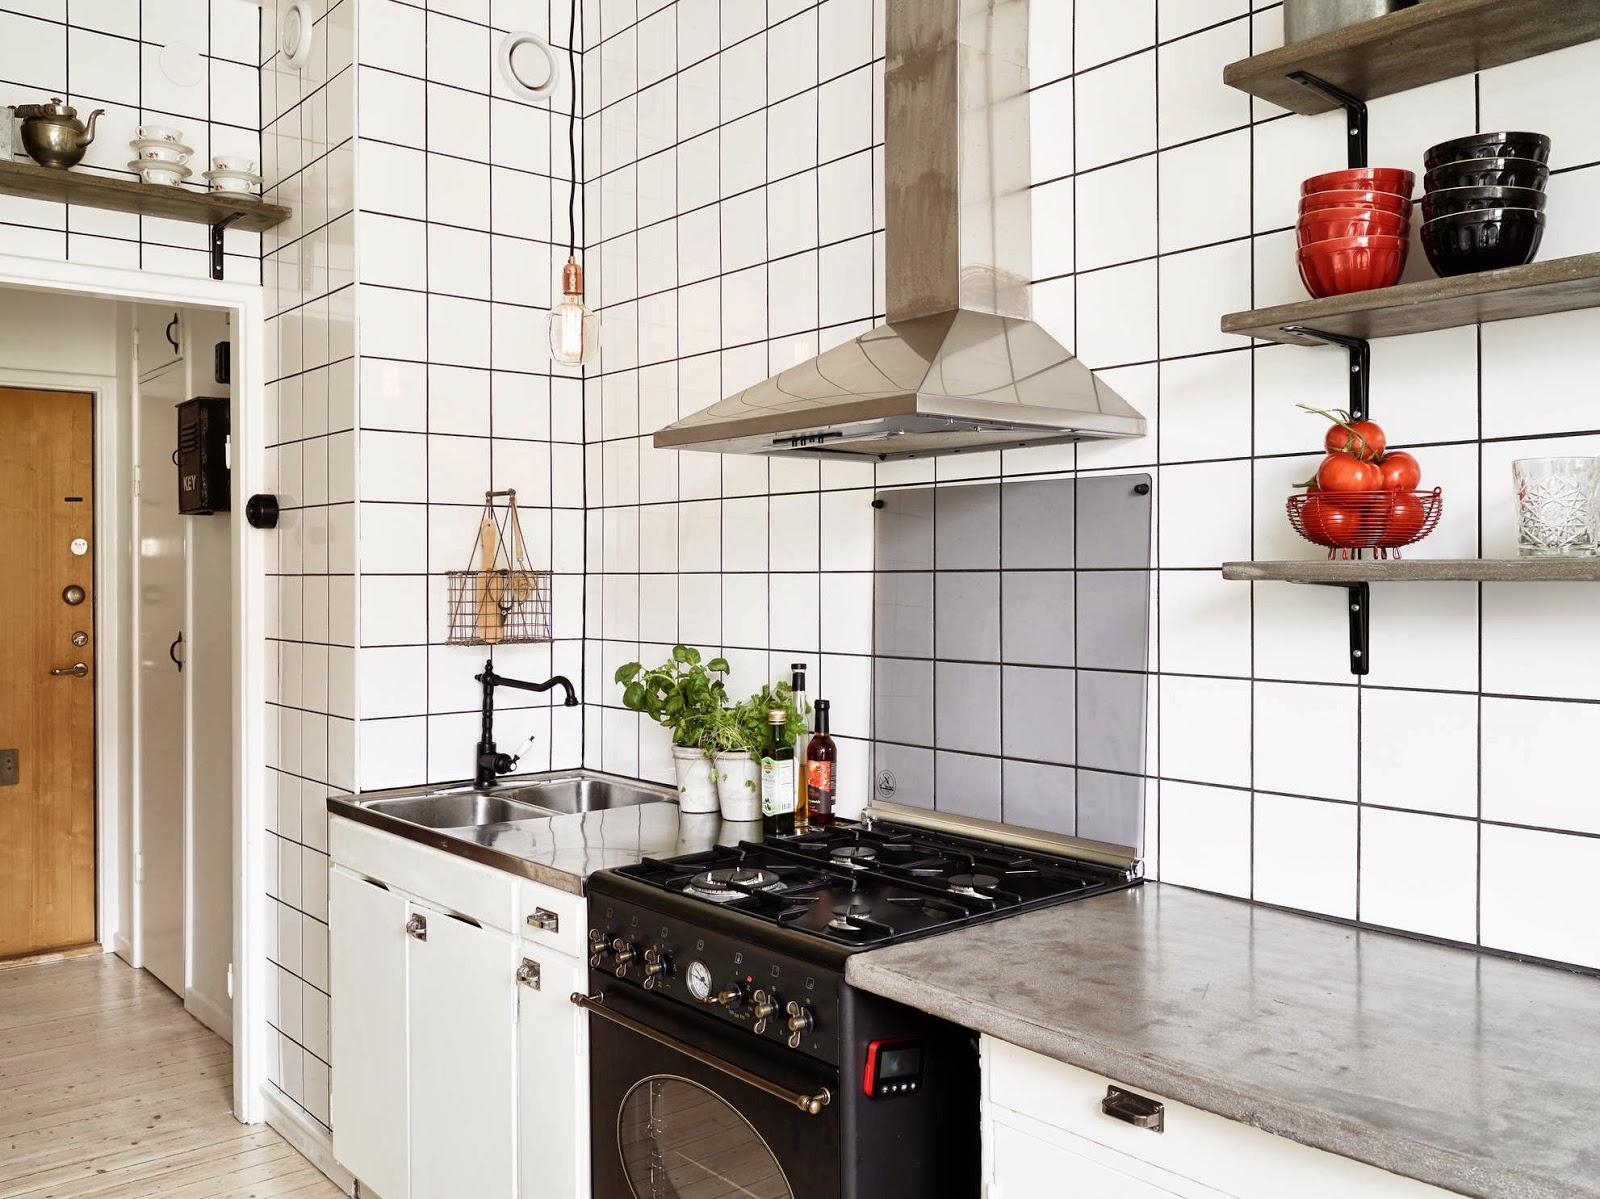 Azulejos De Cozinha Cozinha Americana Vai Azulejo Cozinhas Pequenas